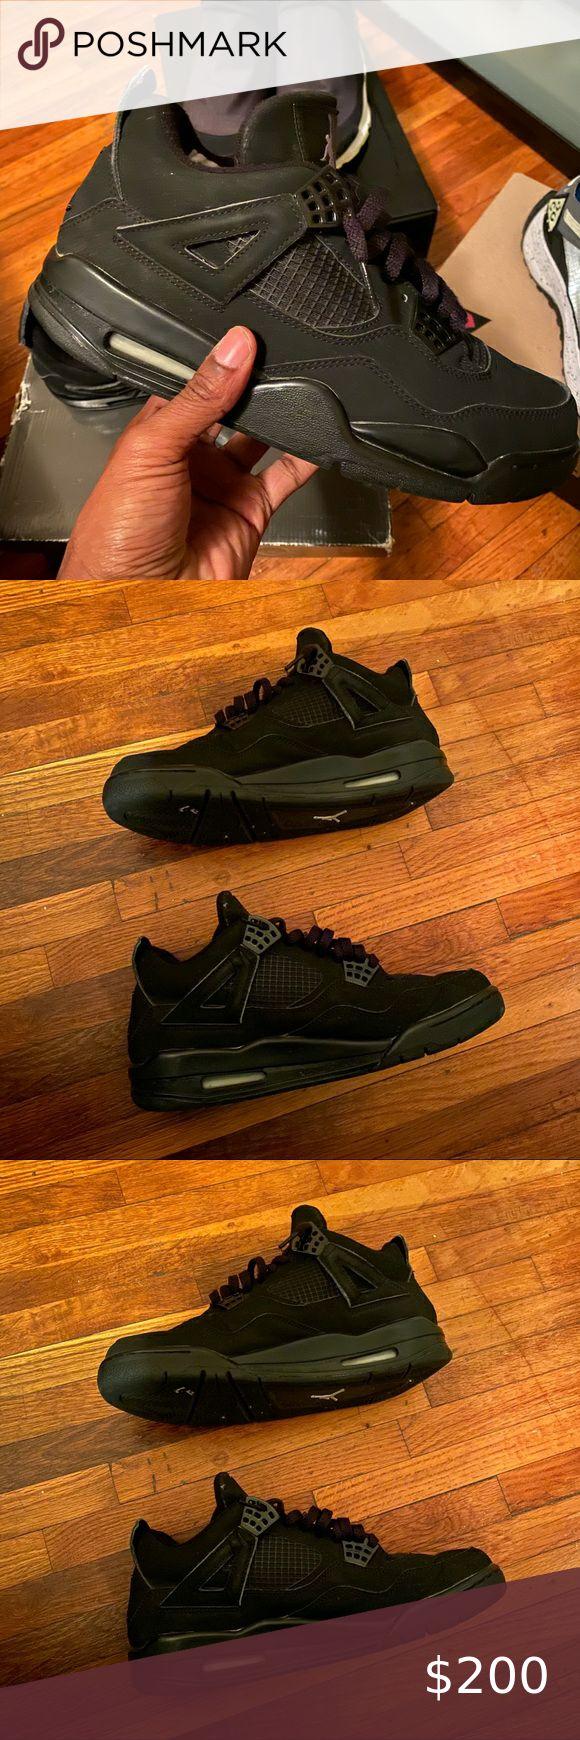 OG Air Jordan 4 Black Cat size 8.5 in 2020 Jordan 4